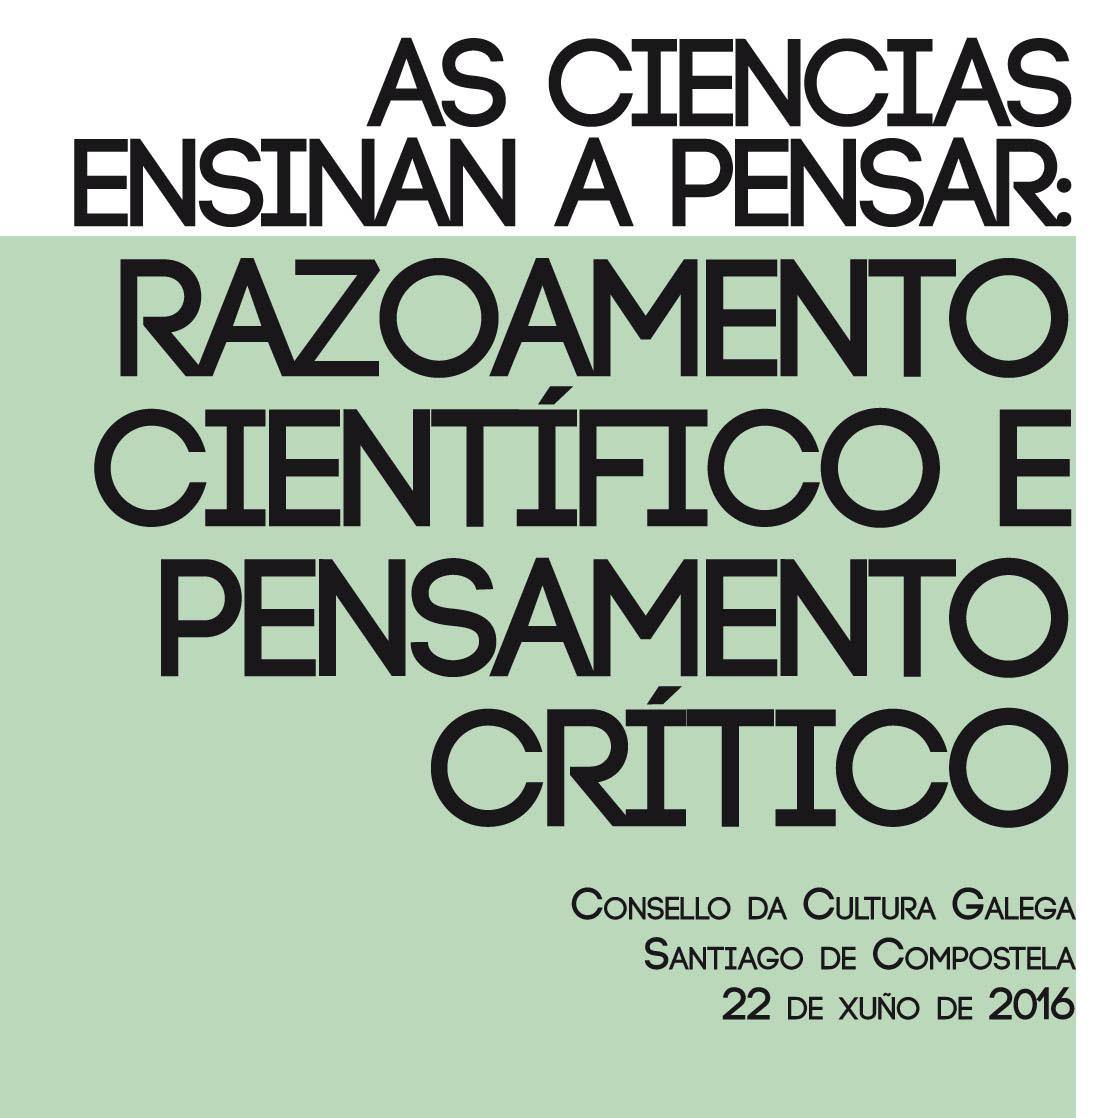 As ciencias ensinan a pensar: Razoamento científico e pensamento crítico